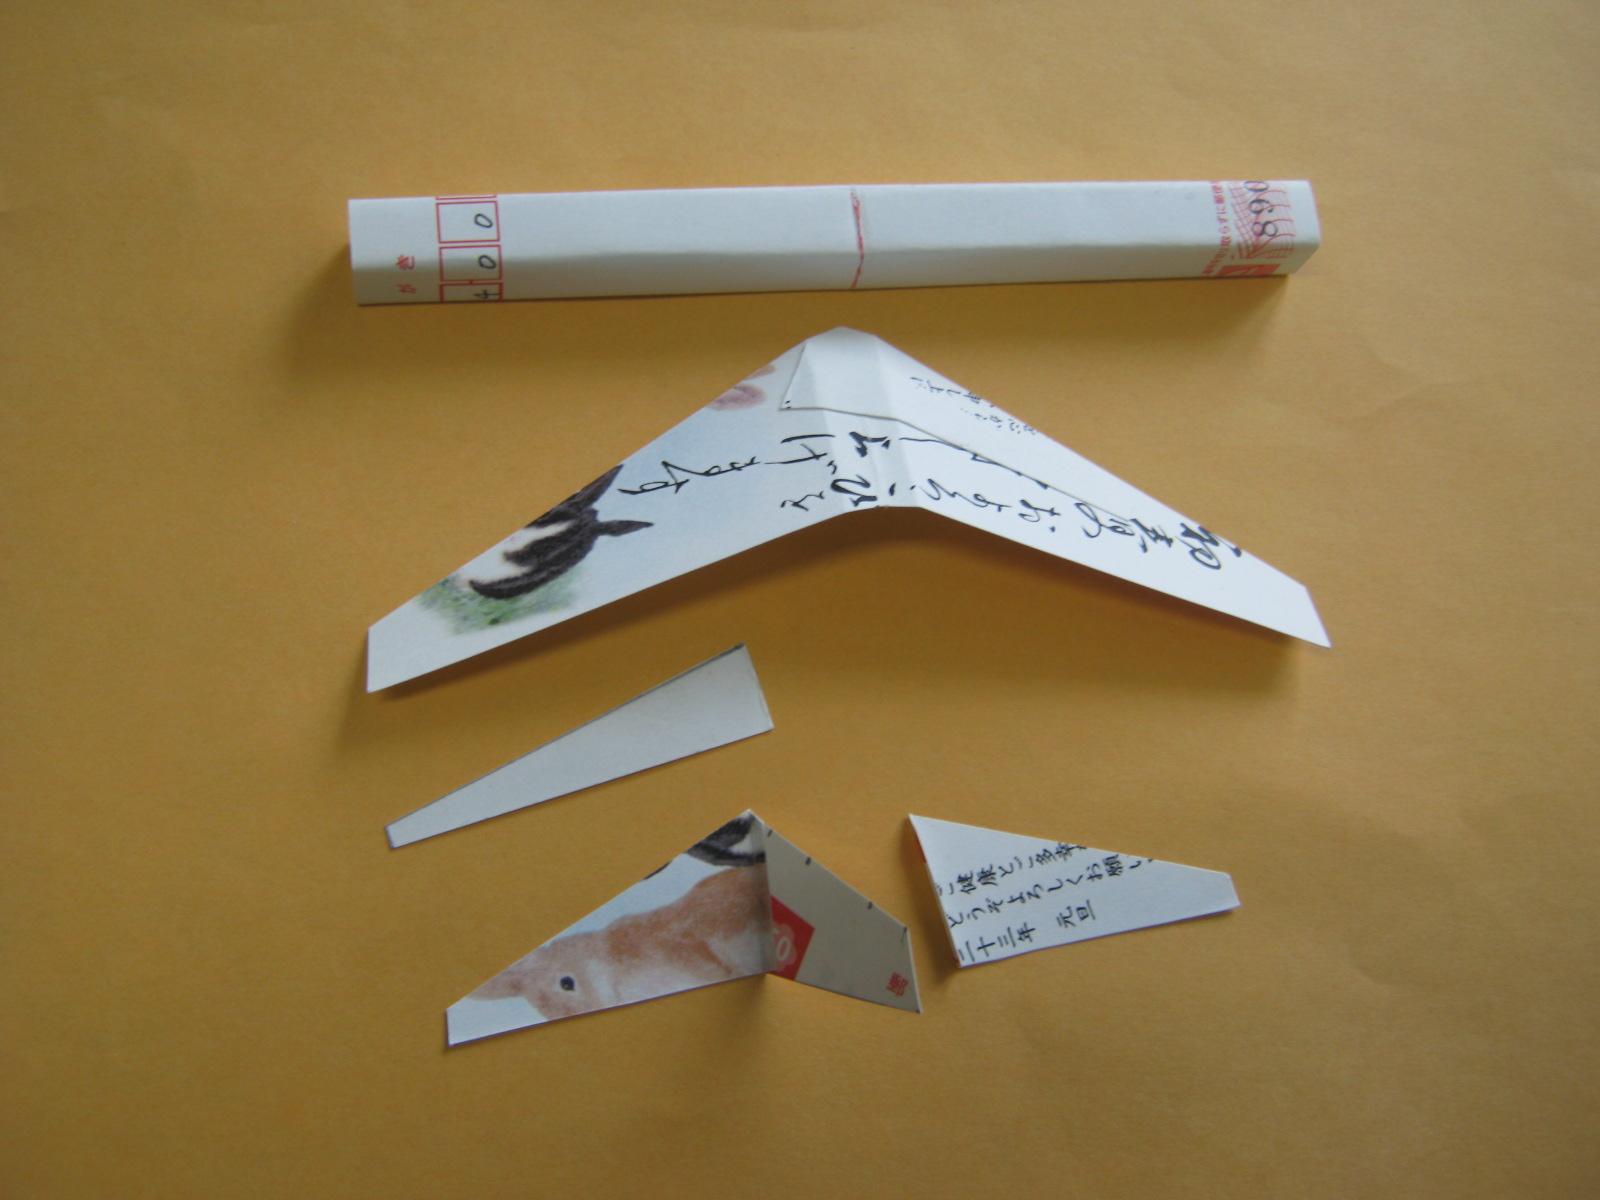 すべての折り紙 紙飛行機 折り方 正方形 : ... ヒコーキも紙飛行機: 2月 2012